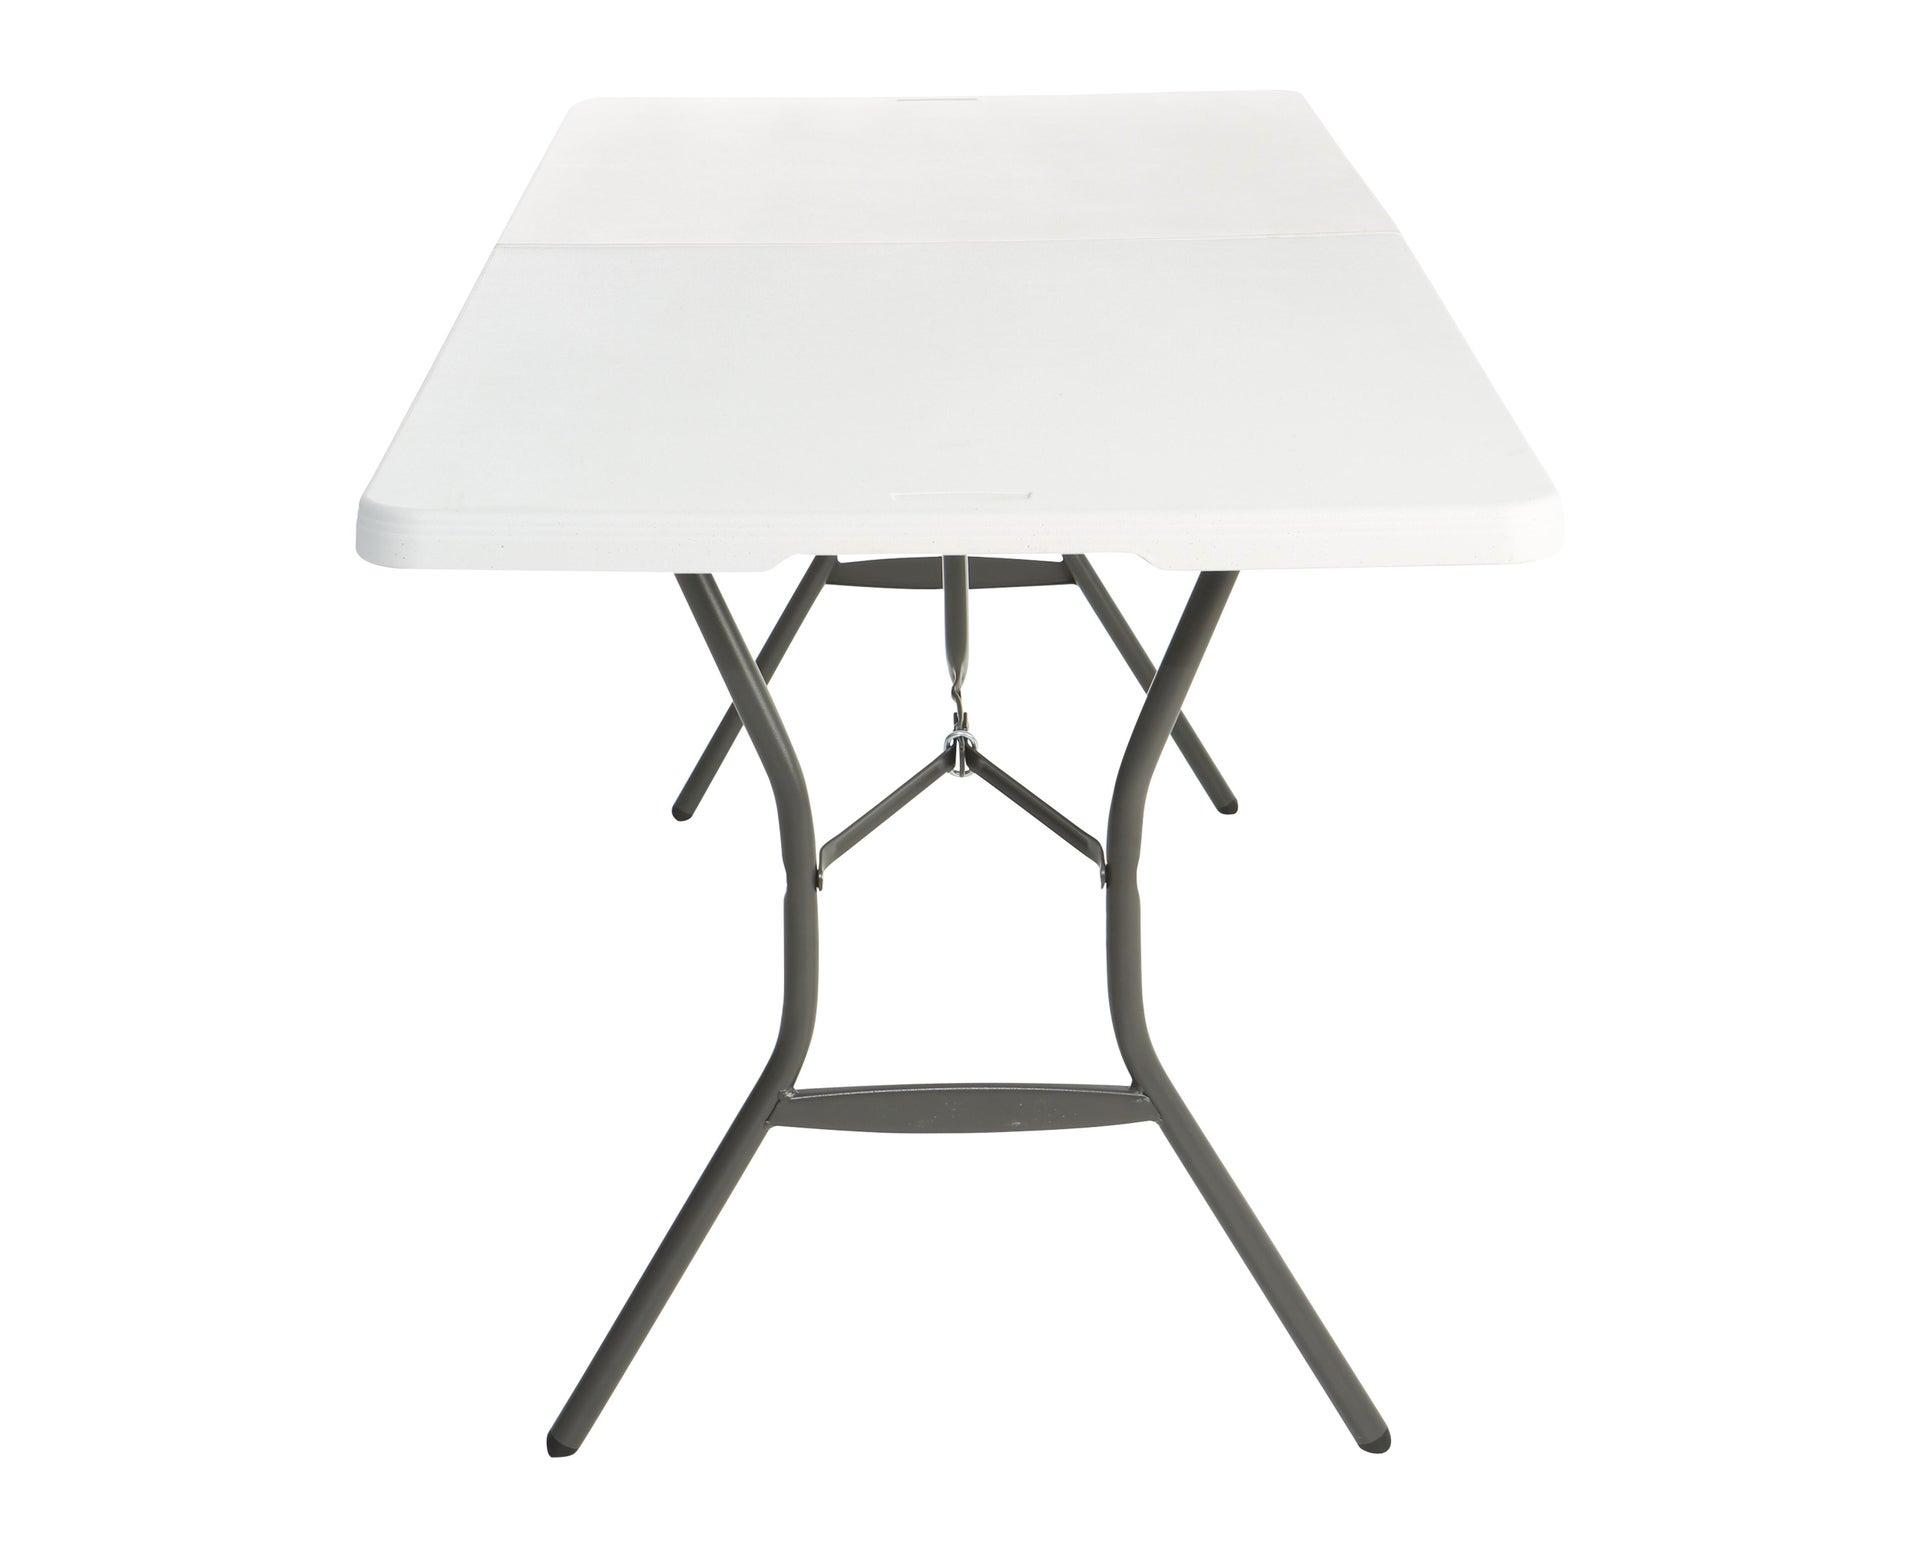 Tavolo da pranzo per giardino rettangolare Lifetime con piano in plastica L 76 x P 183 cm - 8